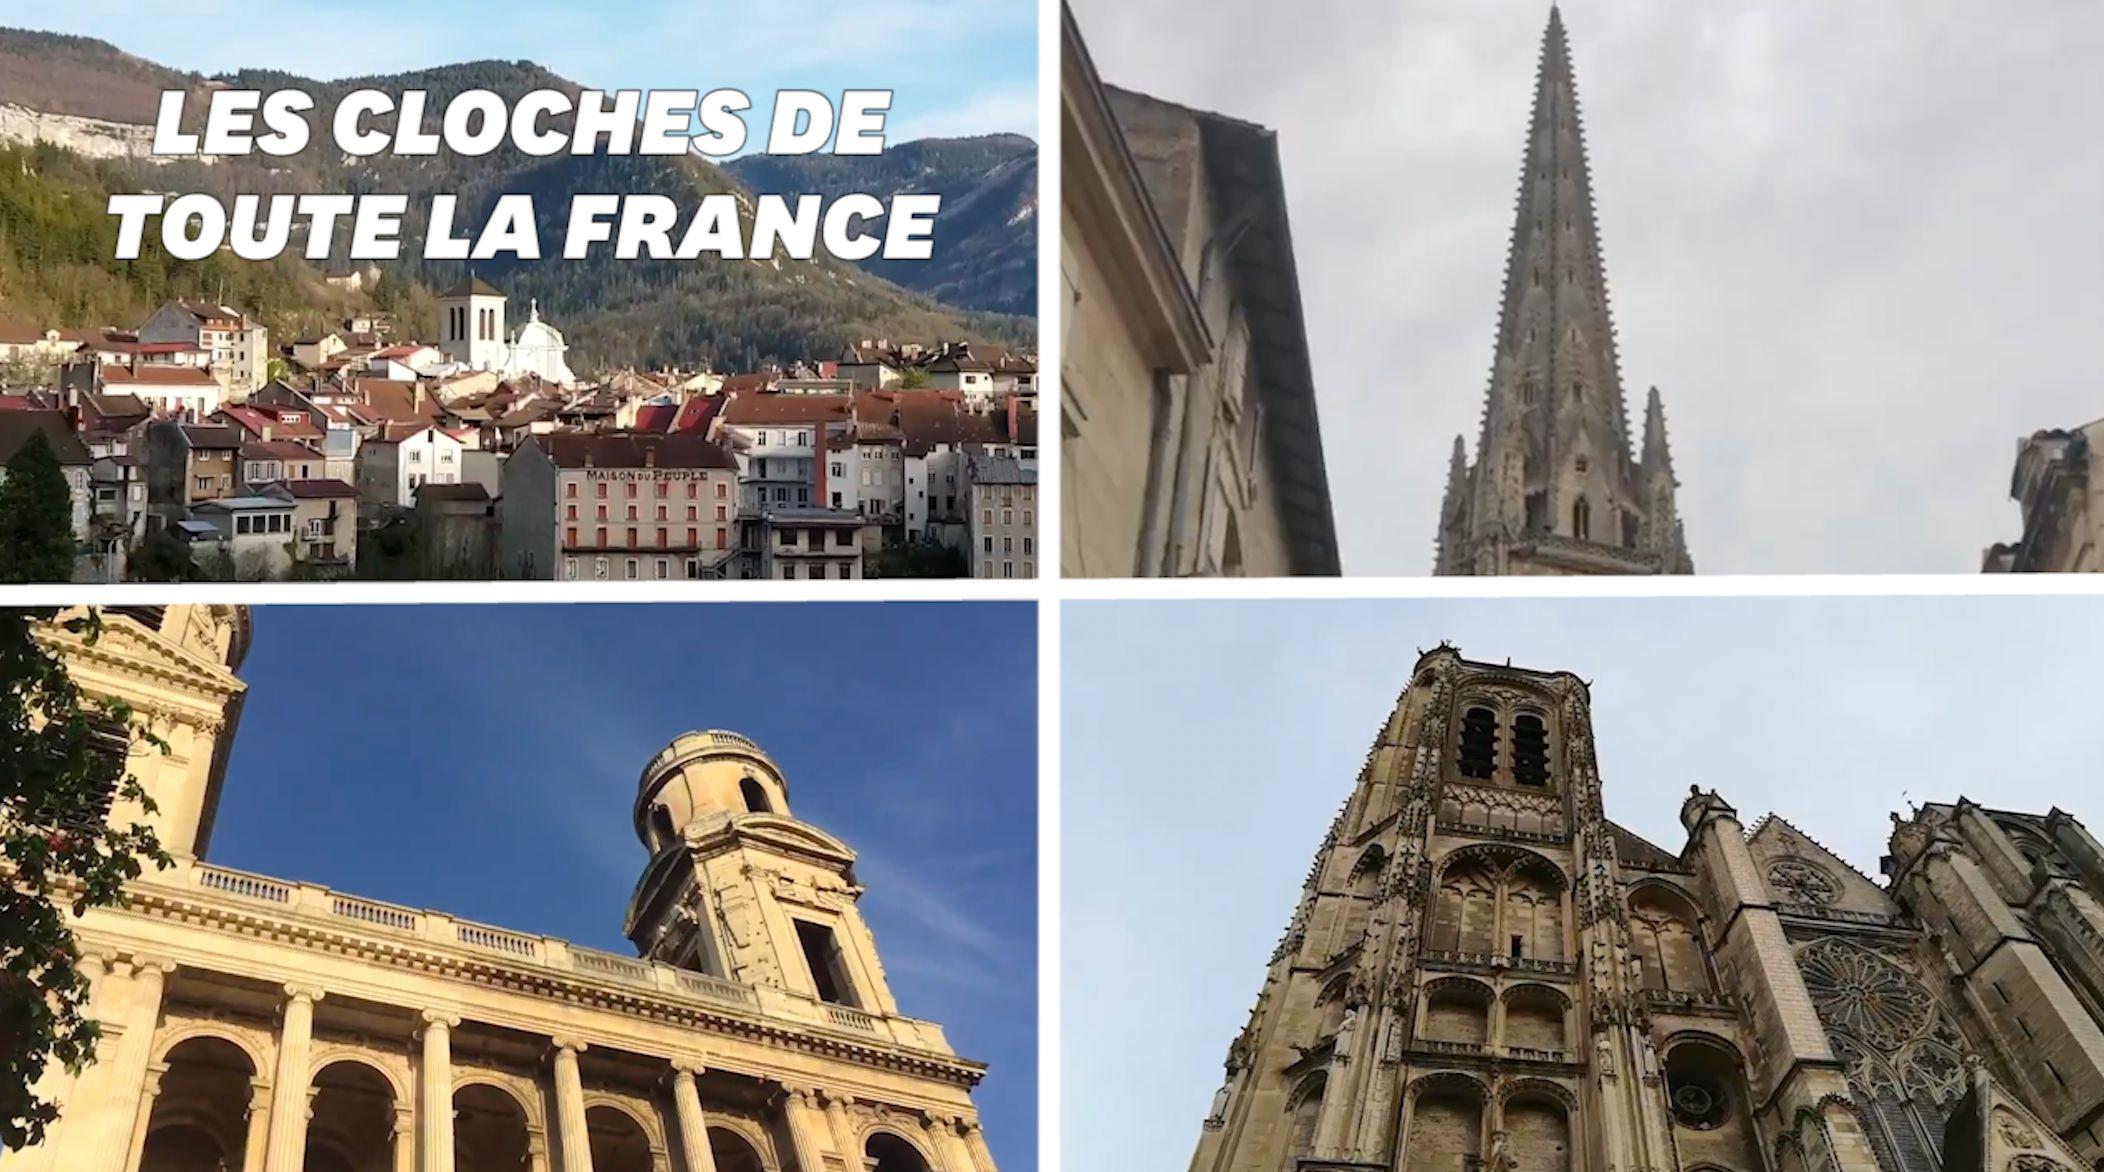 Les cloches des cathédrales sonnent simultanément dans toute la France en hommage à